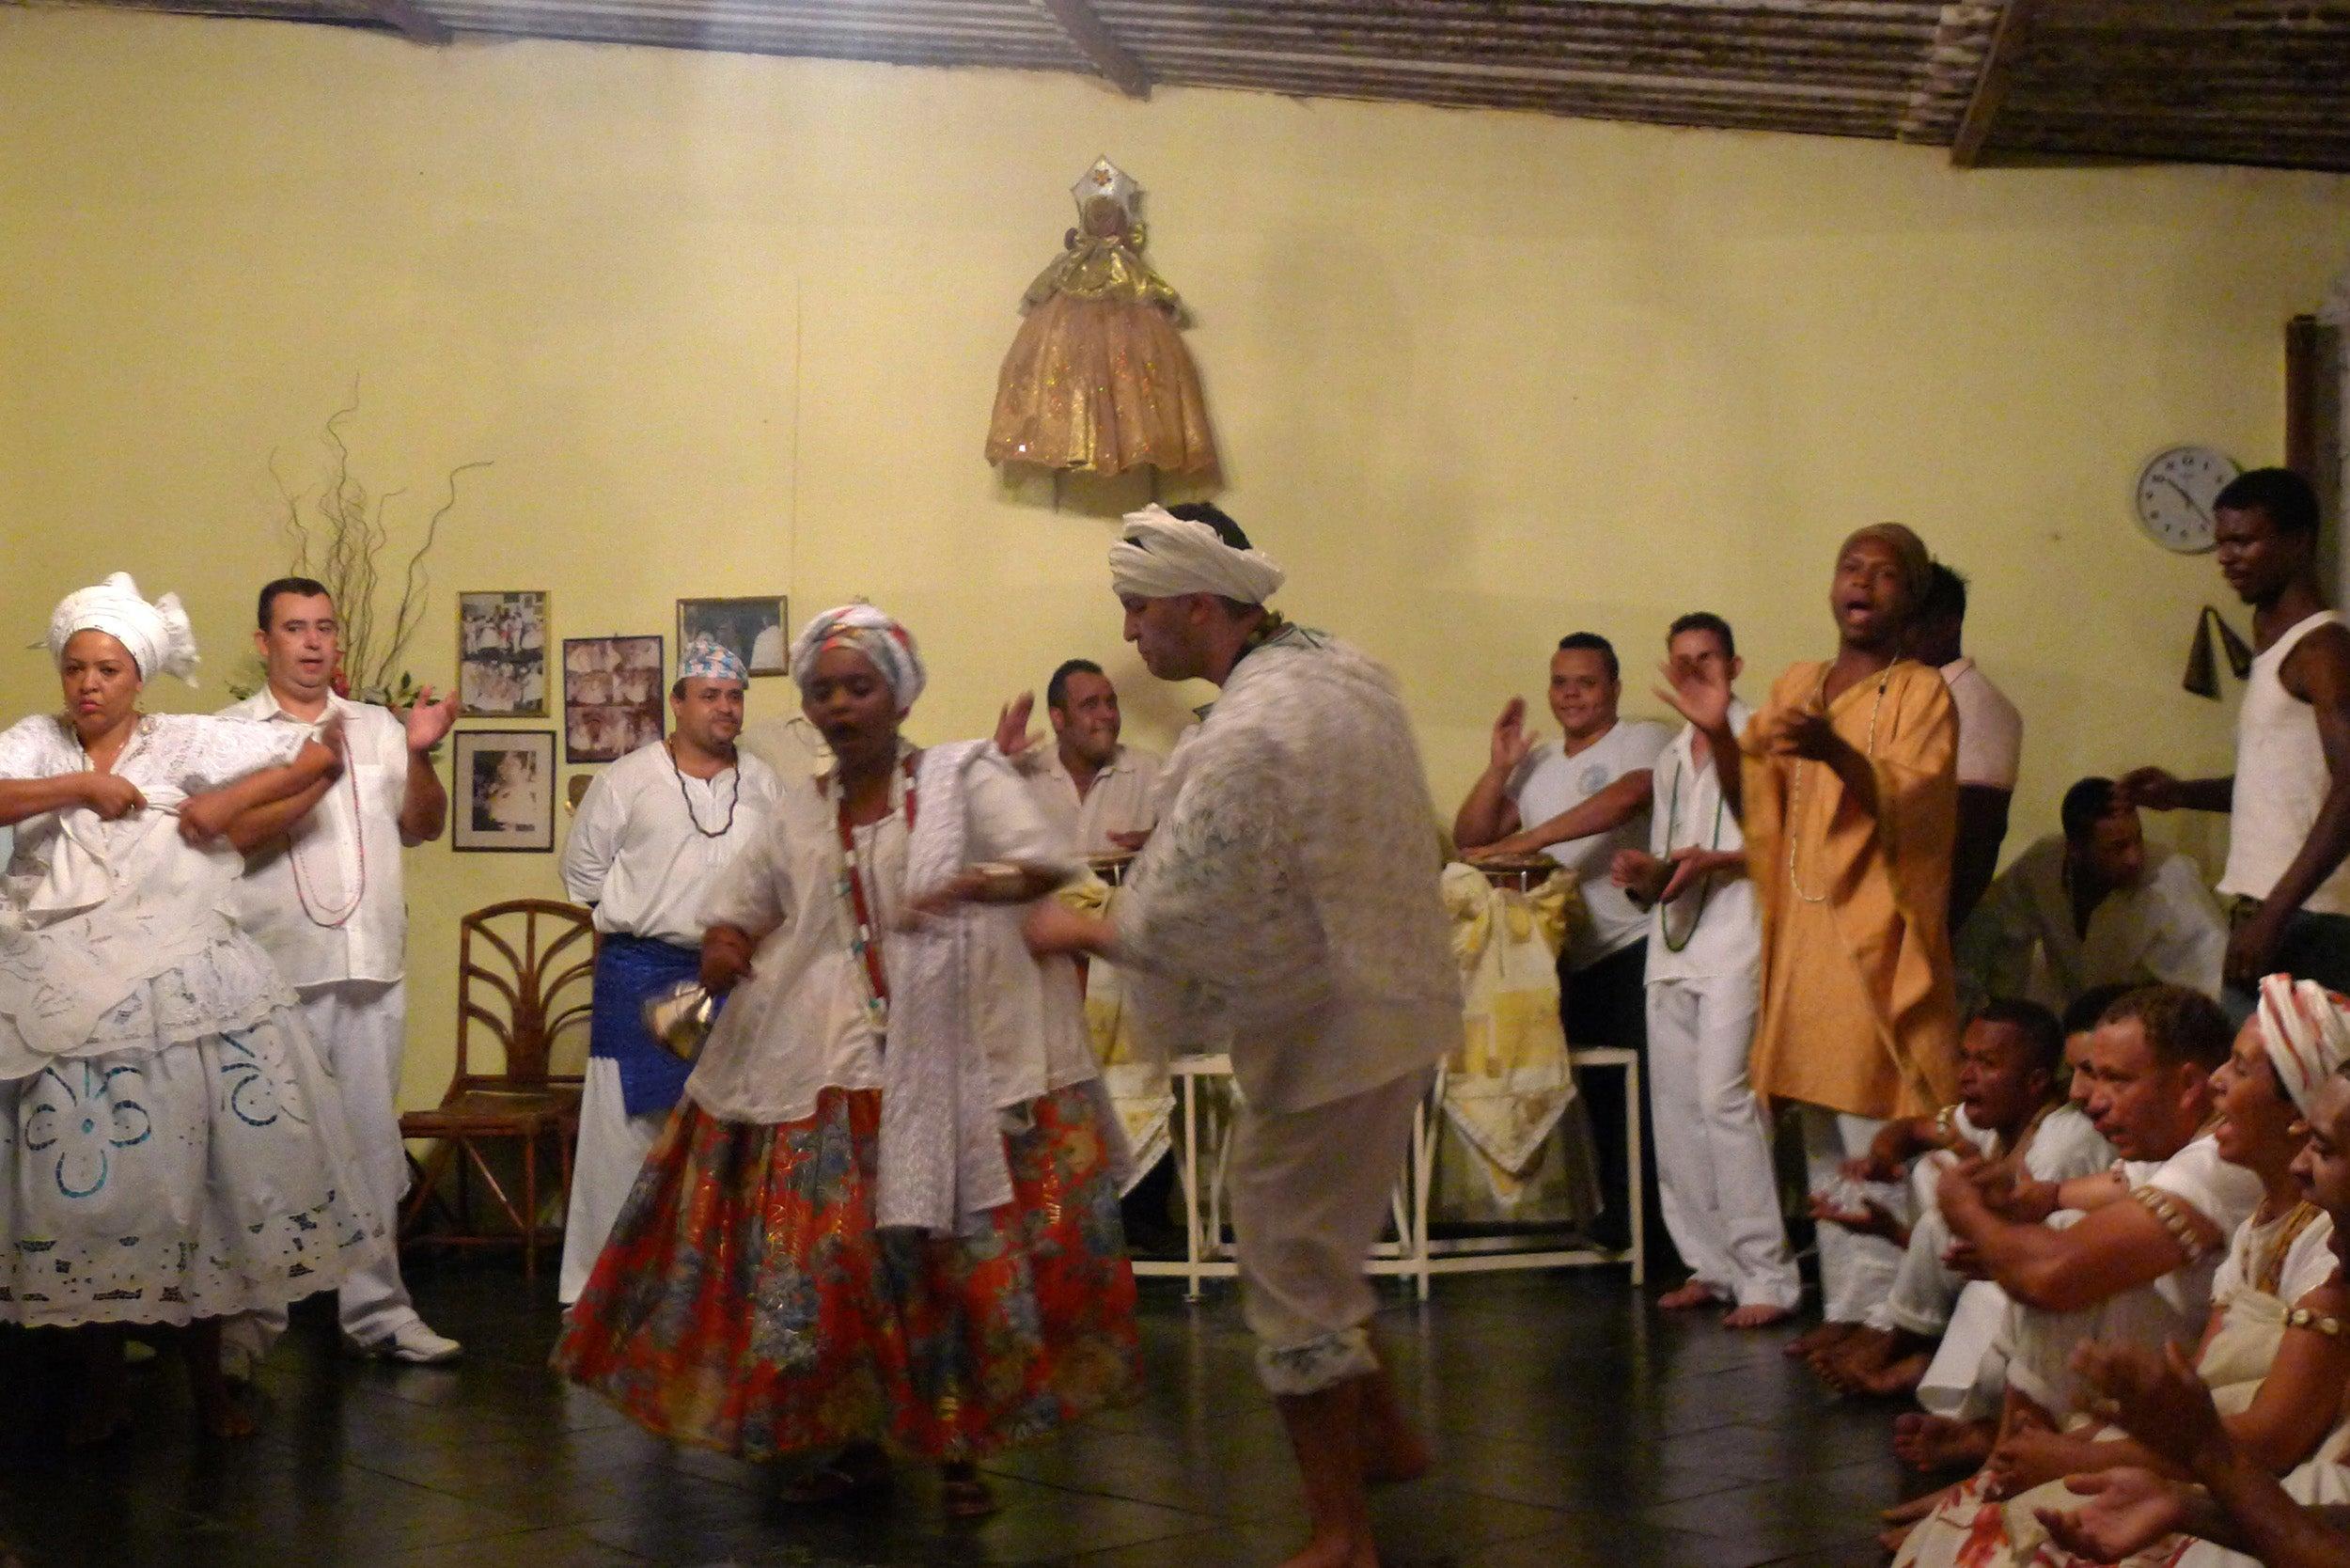 Dance ritual, Brazil.